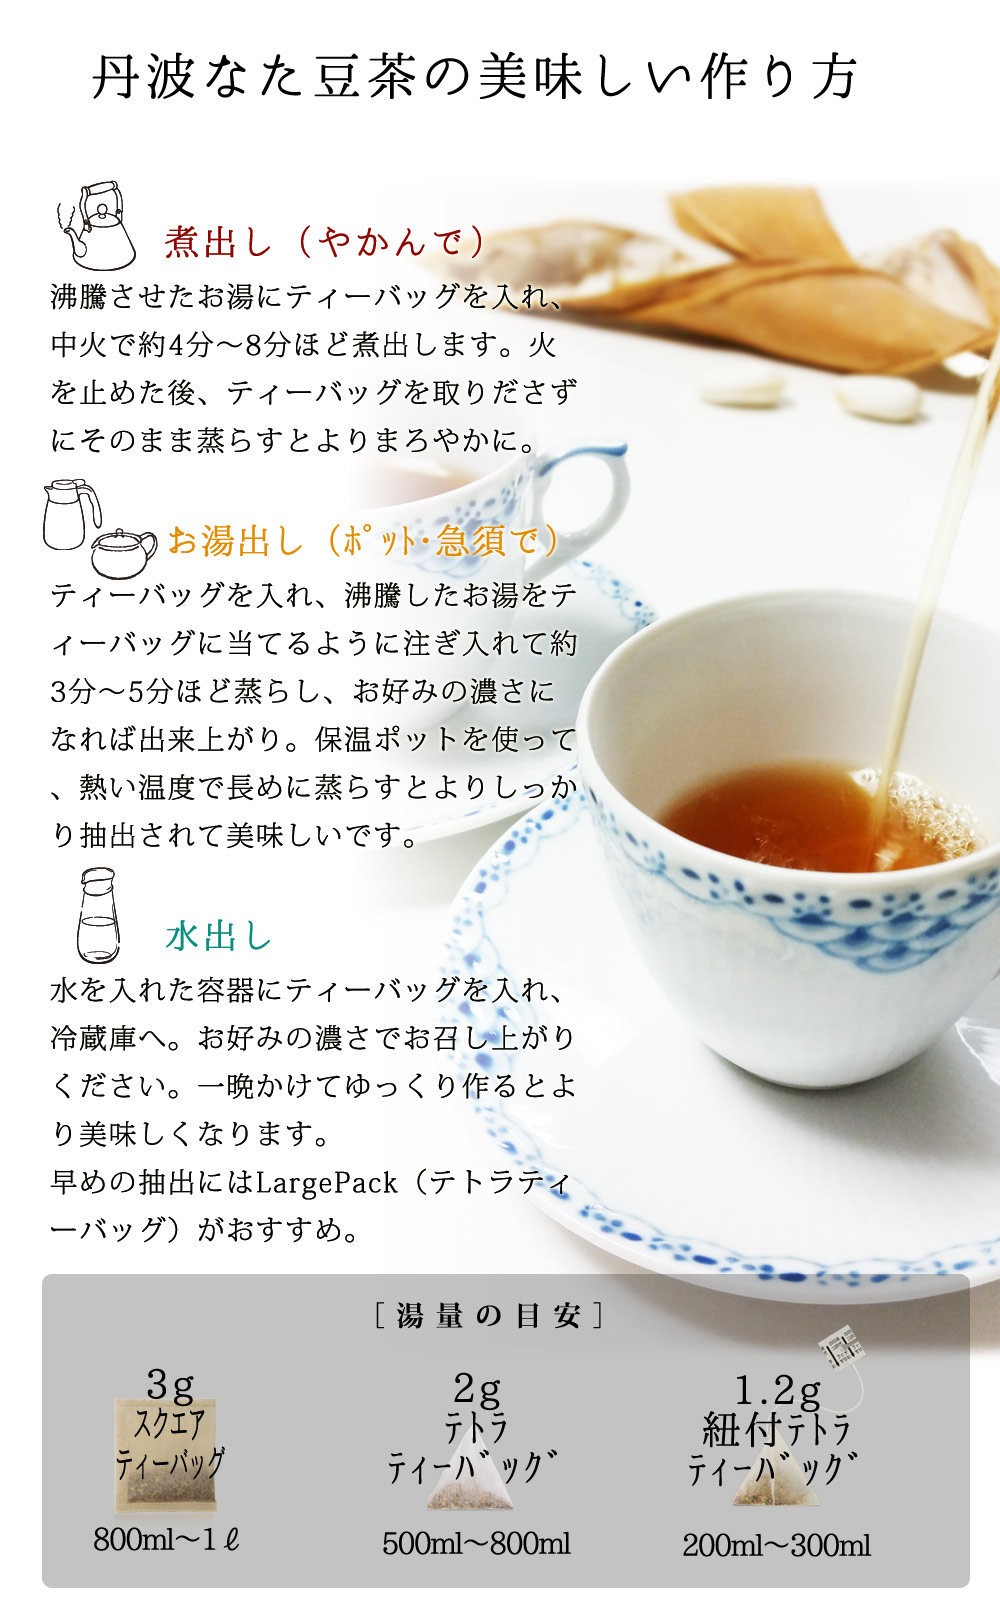 な た 豆 茶 効能 なた豆茶の効果・効能・副作用 選び方のコツとおすすめの飲み方まと...